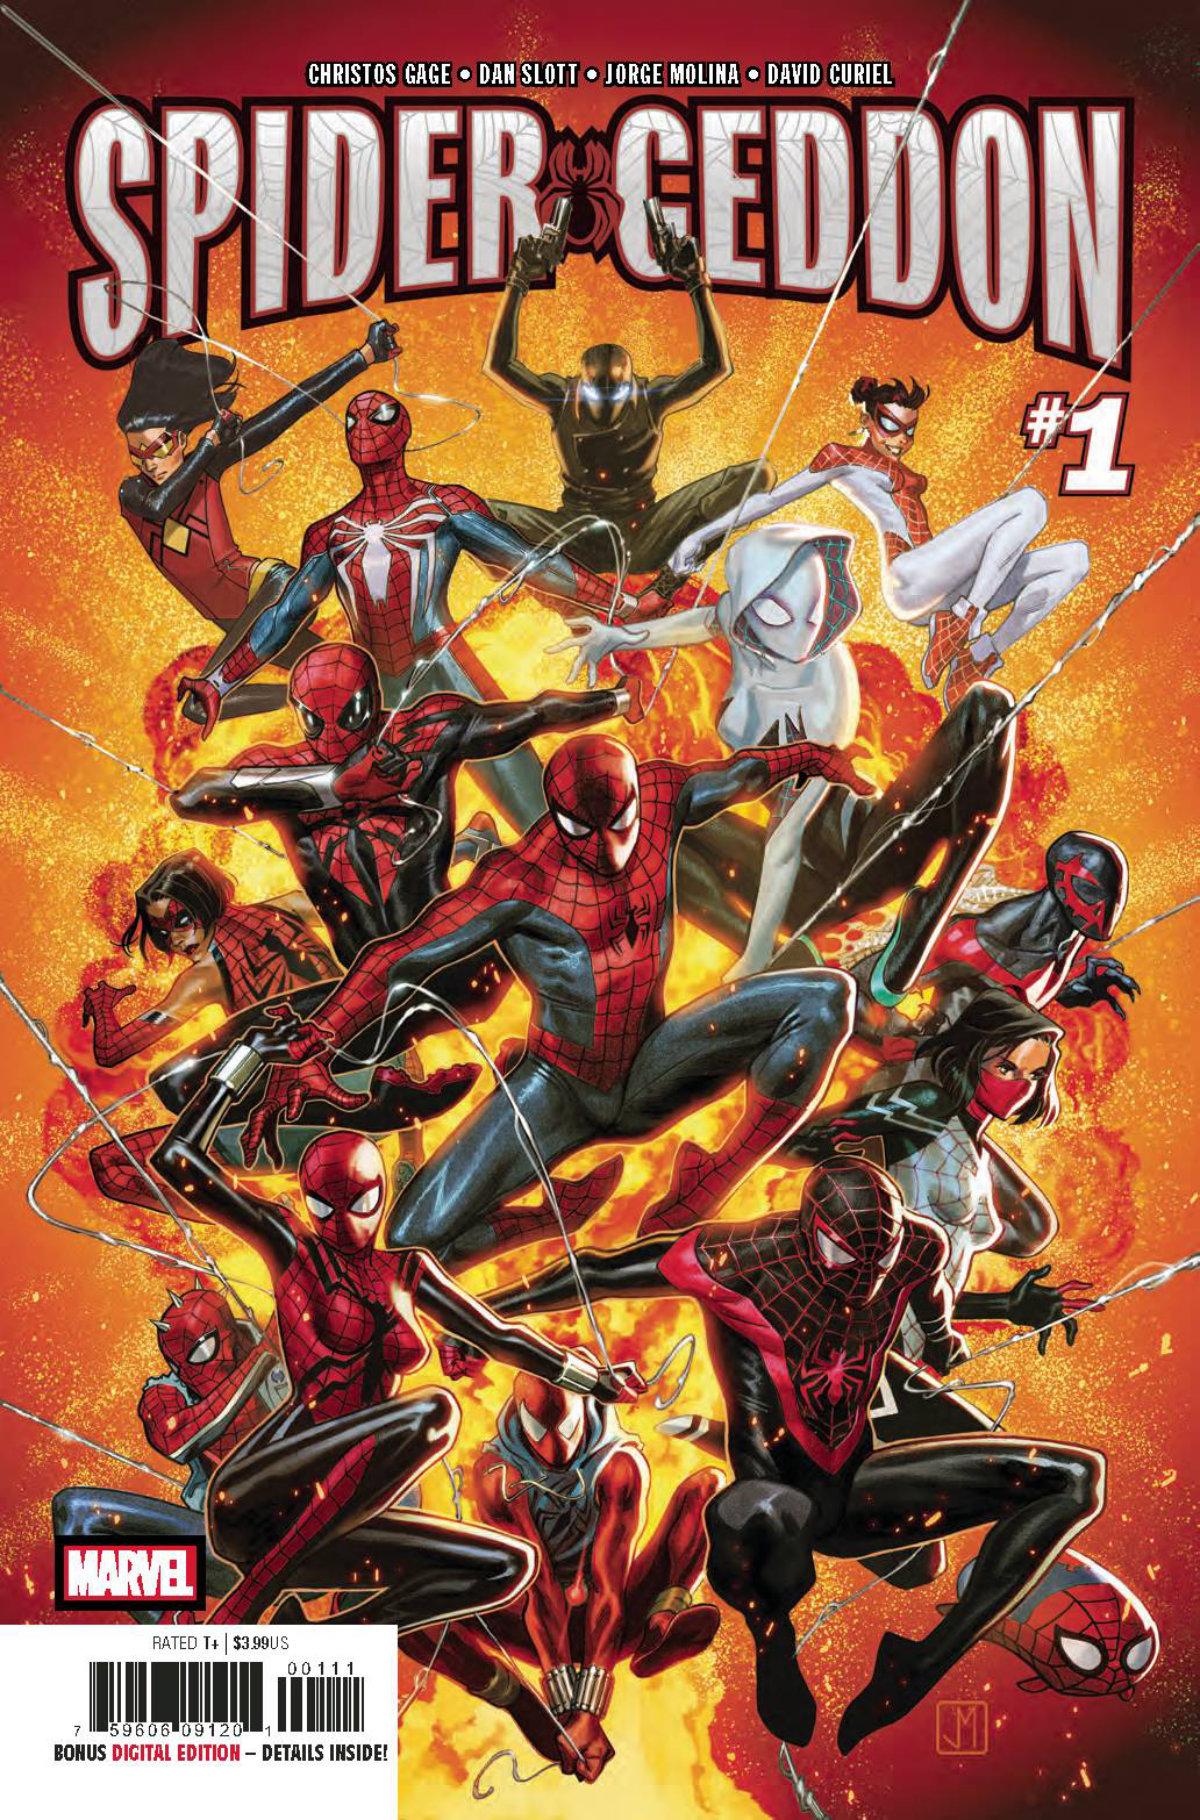 Spider-Geddon #1 Invades atomikpop.com